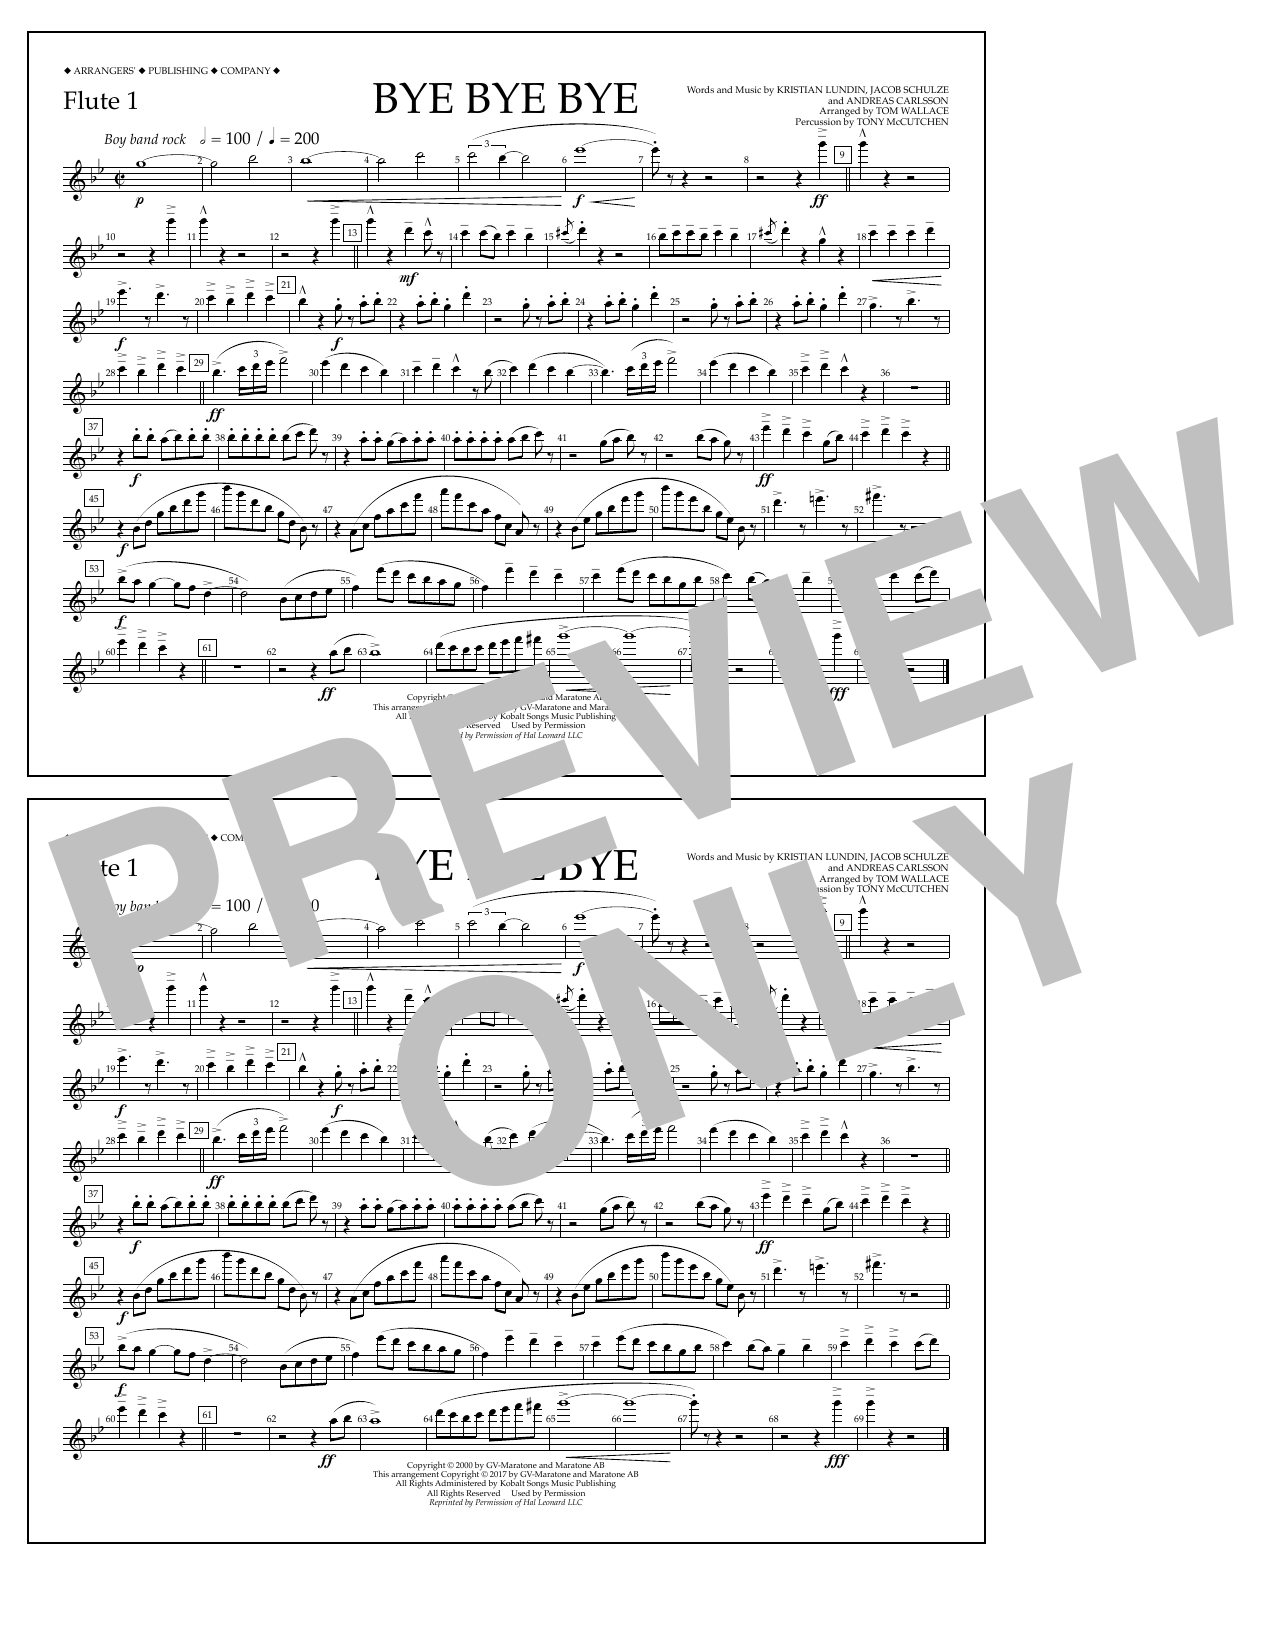 Bye Bye Bye - Flute 1 Sheet Music